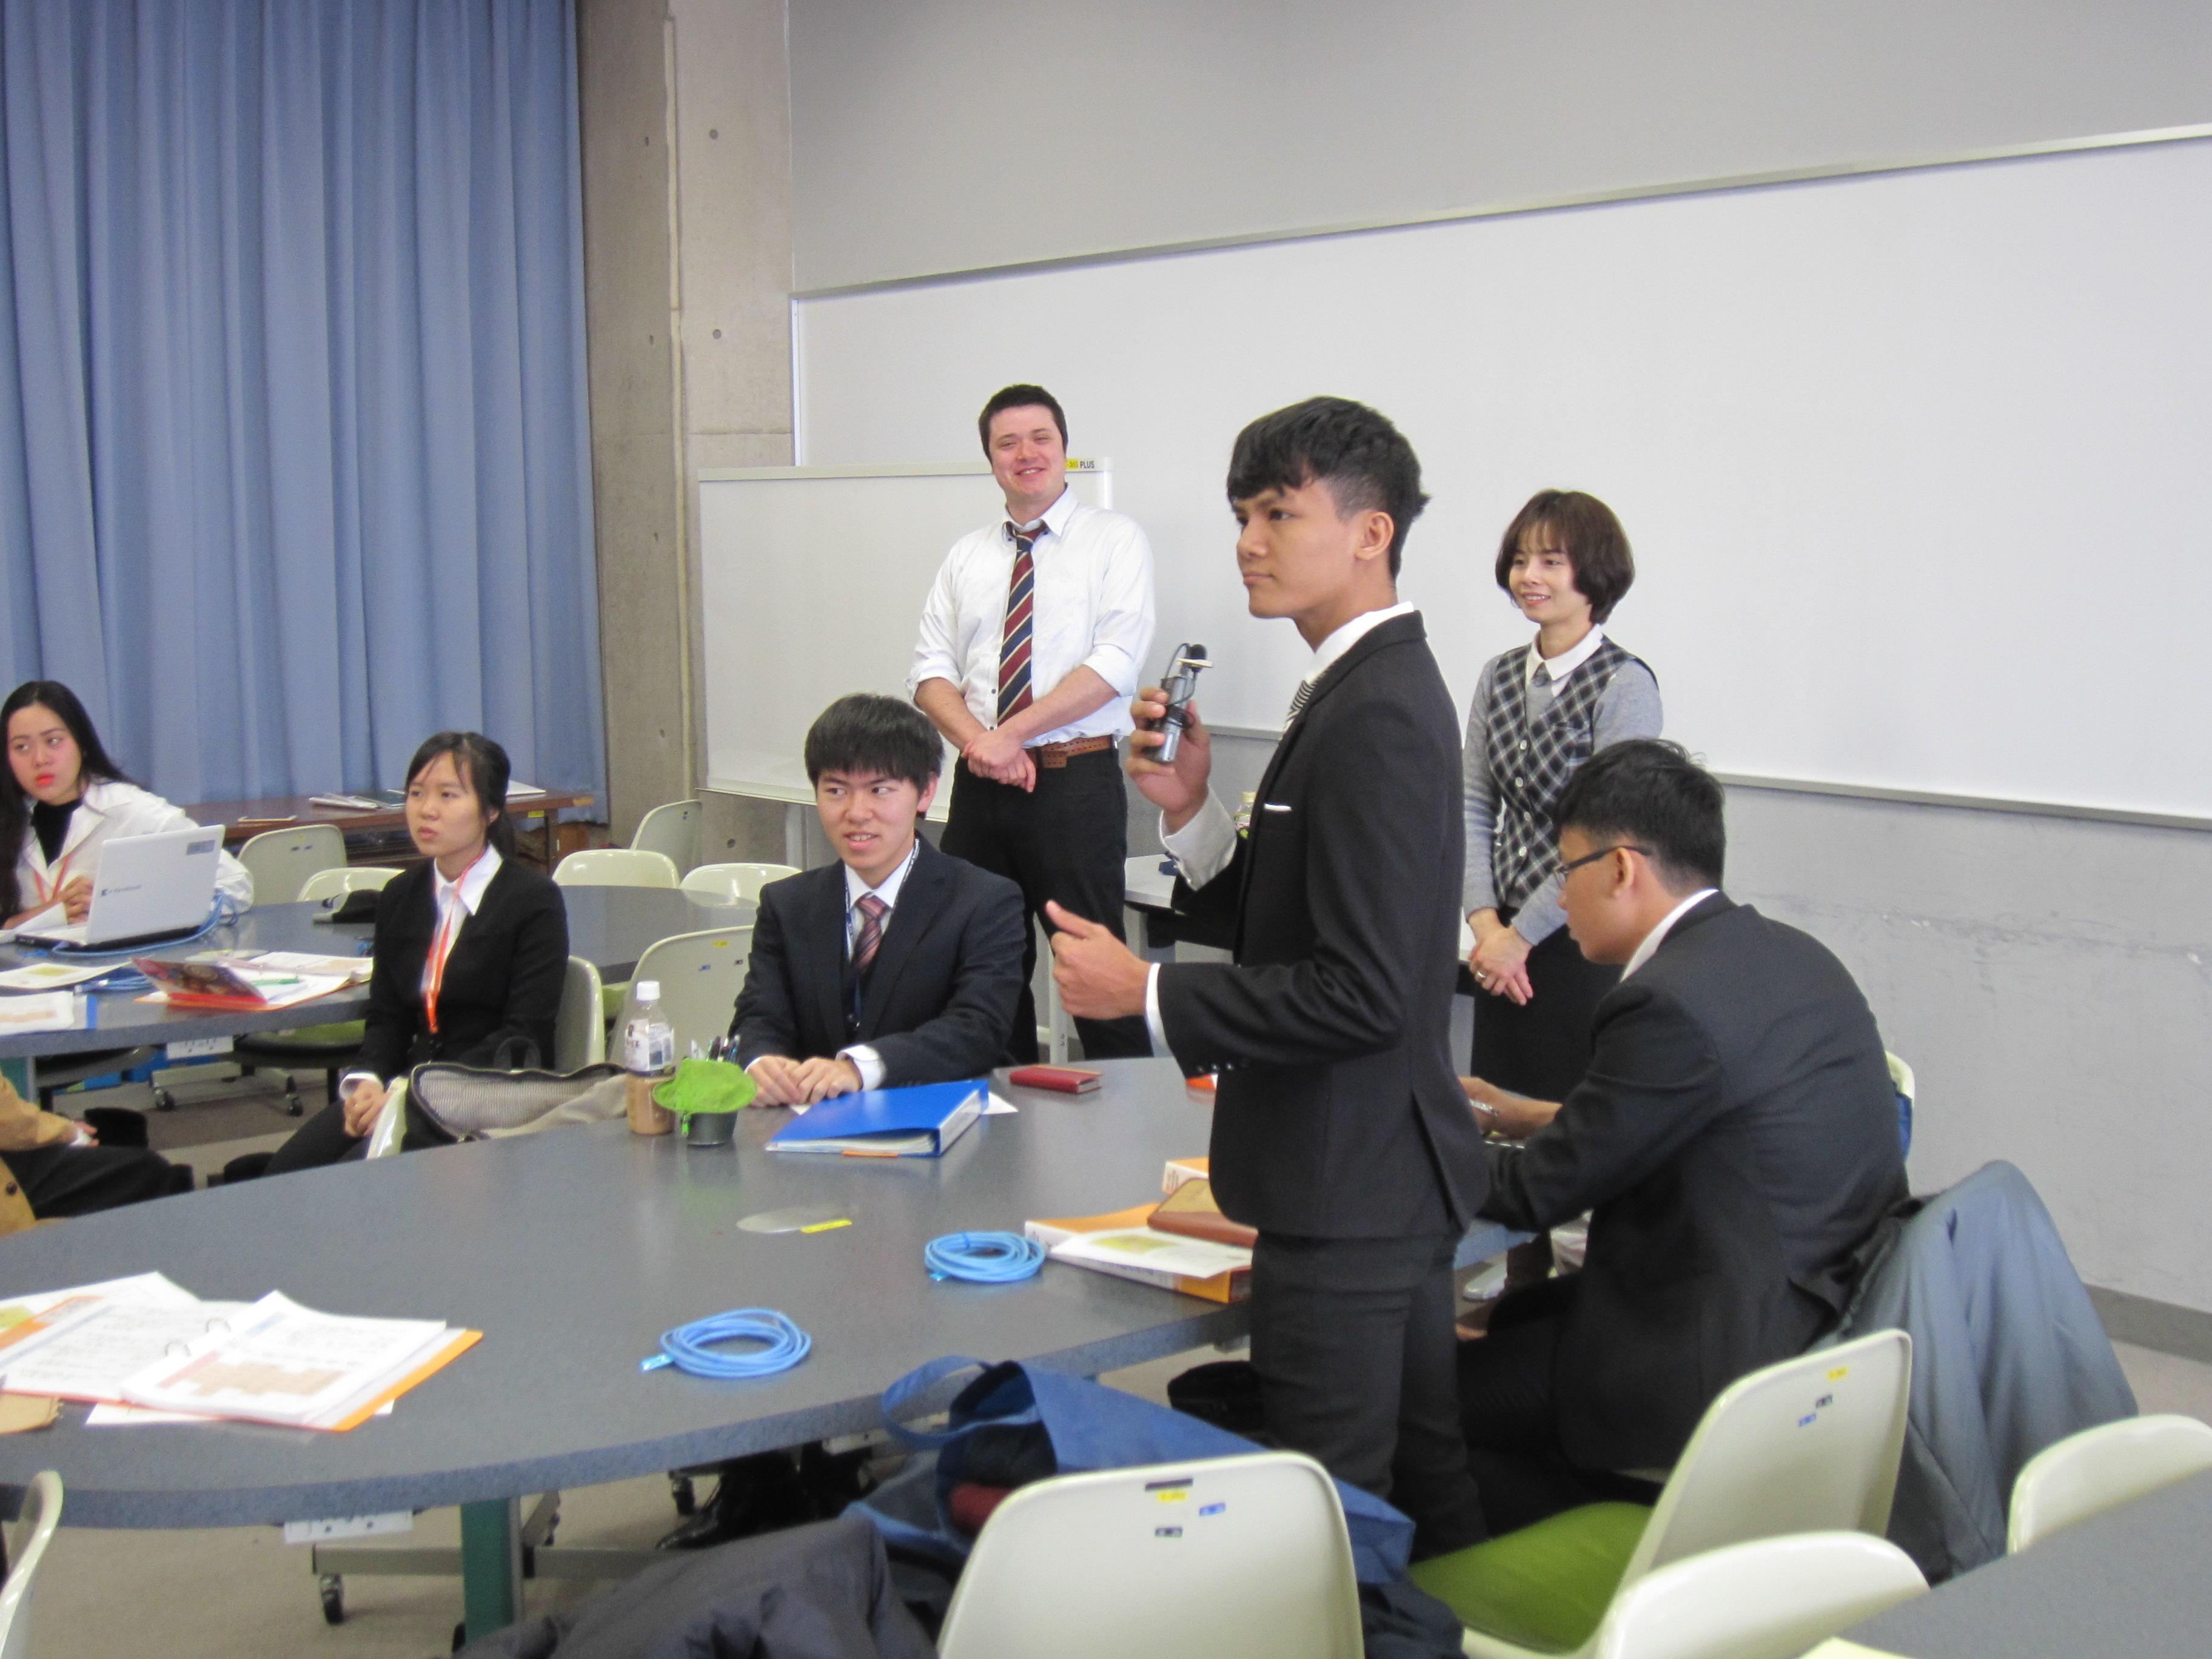 文化を超えて学生がペアを組み、企業での実習を通じて問題発見・解決に取り組む。越日工業大学(ホーチミン)の学生23名と金沢工業大学の学生23名がペアを組み(バディ制度)、日本でインターンシップを実施